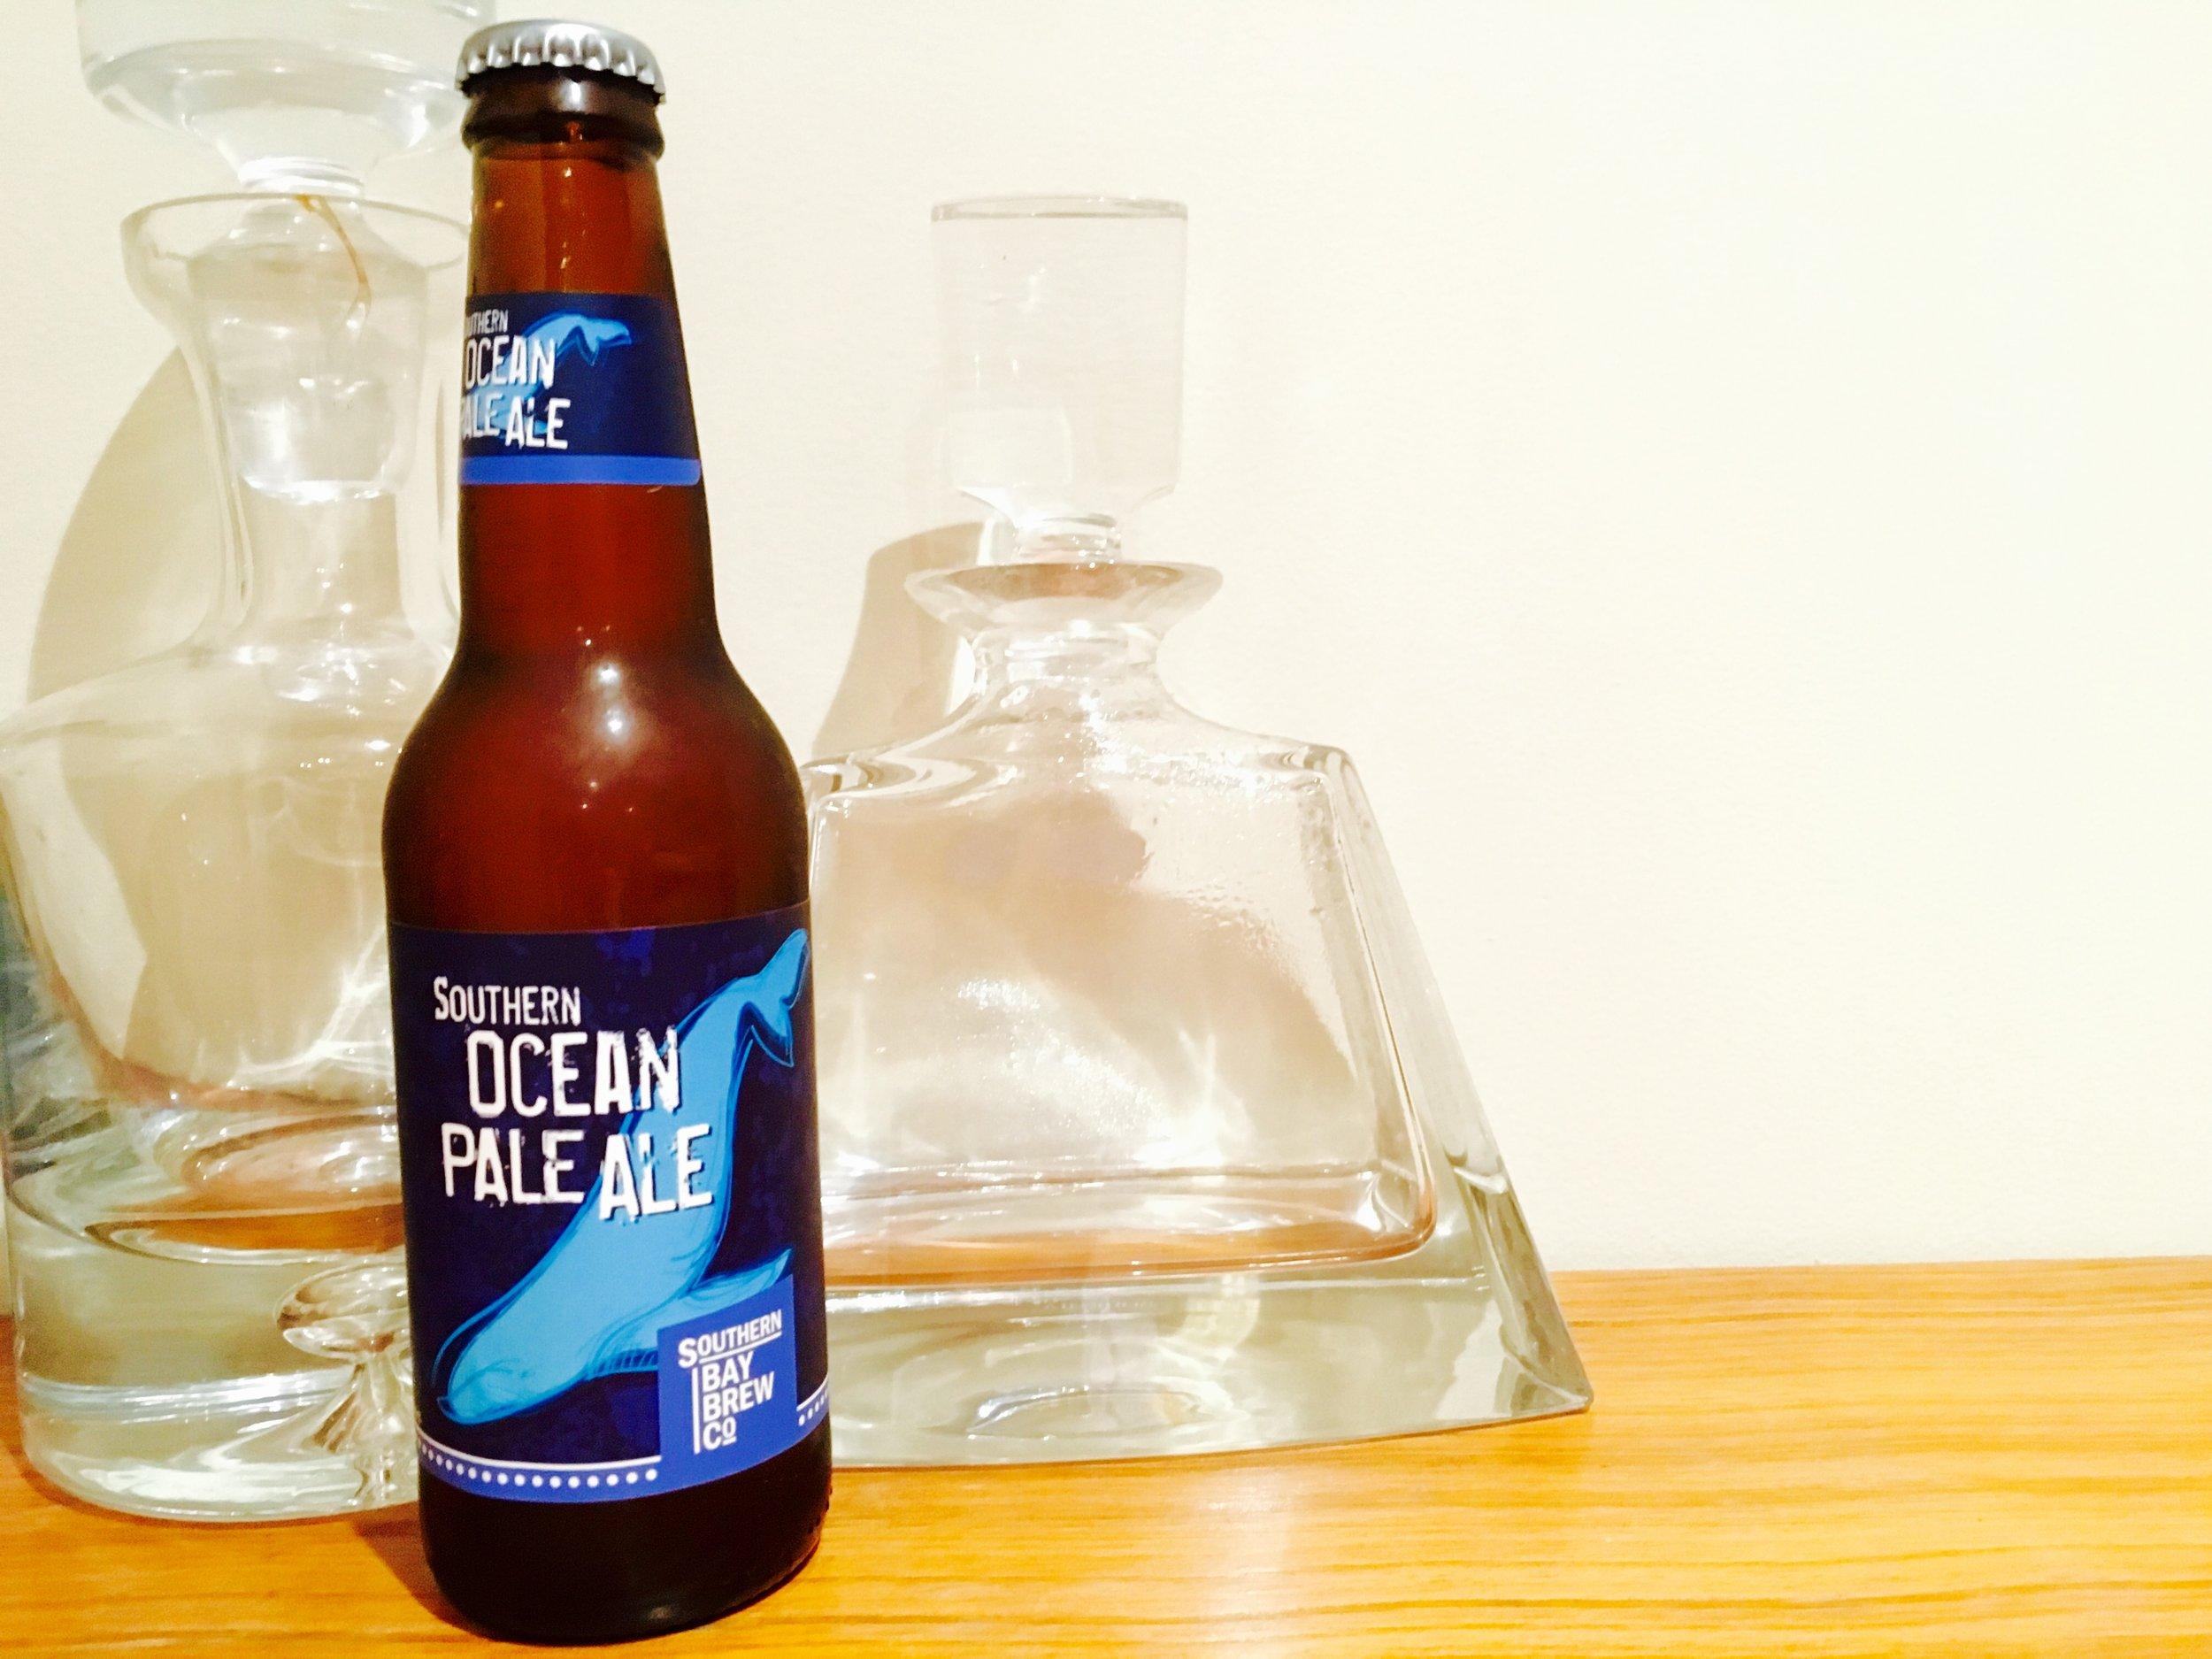 Southern Bay Brew Co. Southern Ocean Pale Ale